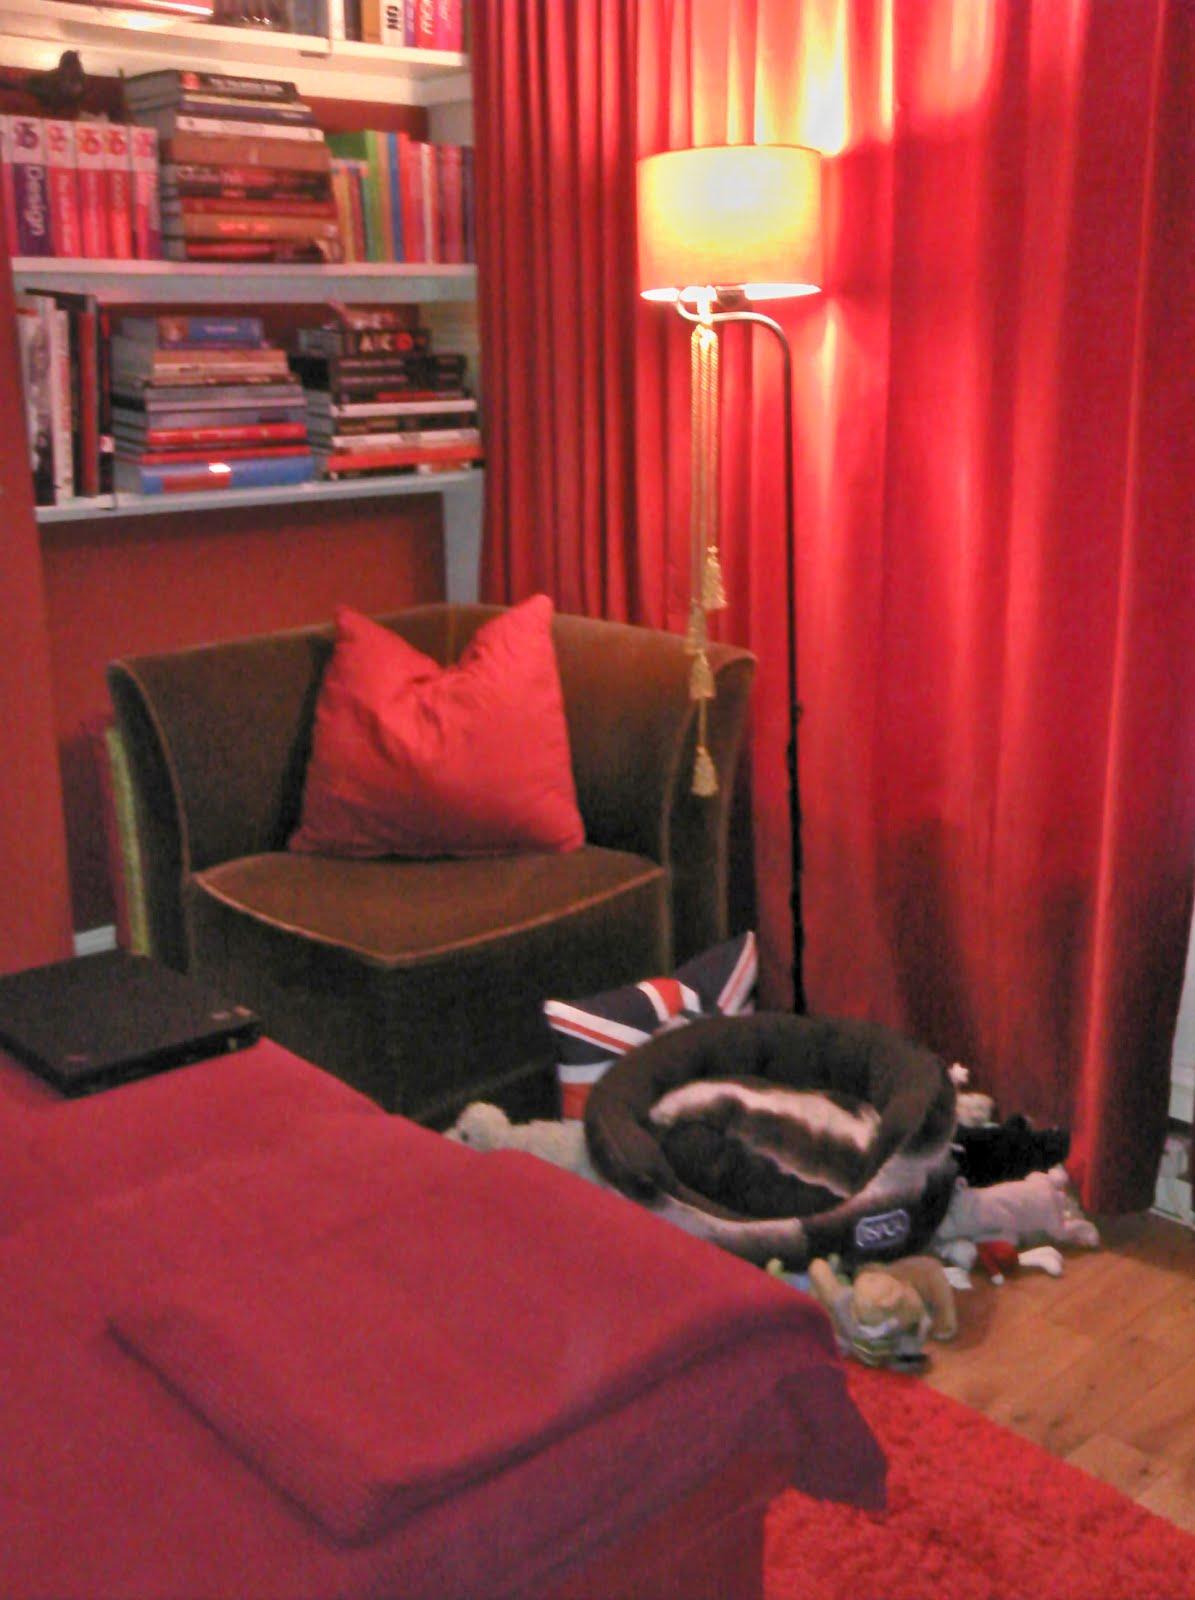 Ikea Faktum Lade Verwijderen ~ Materials Ikea Lersta Reading floor lamp, lamp shade, spray paint